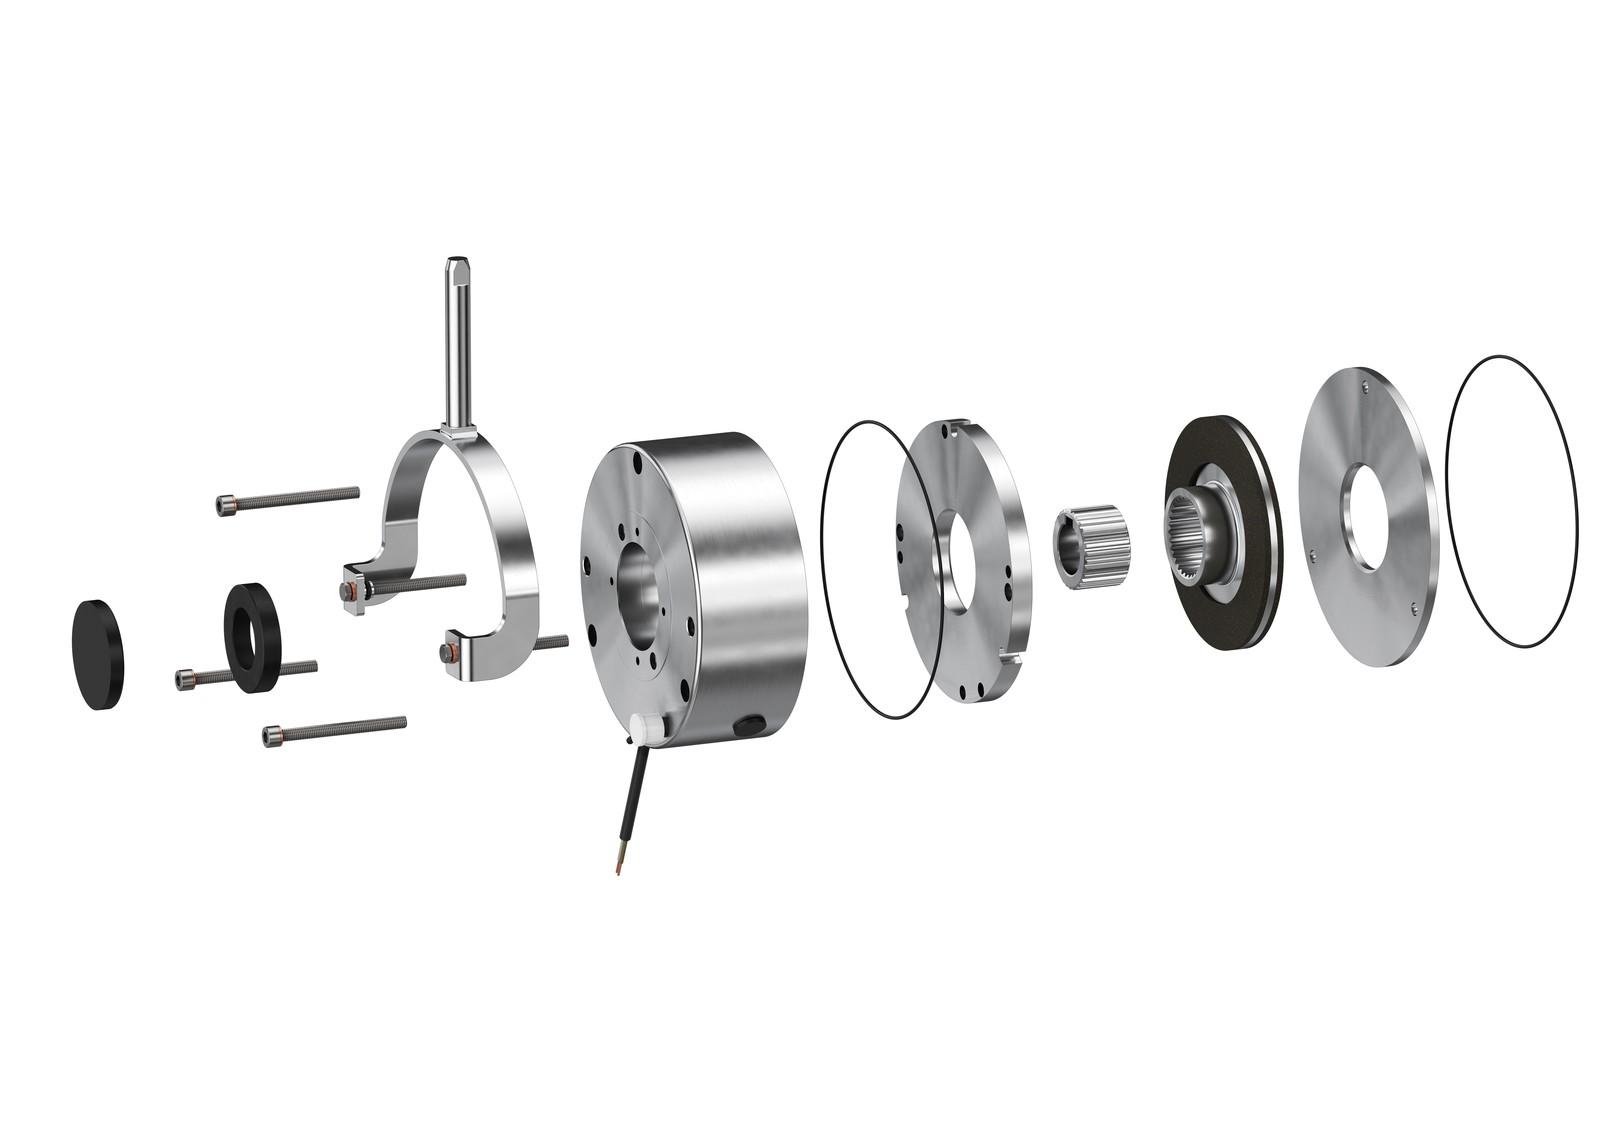 Bei der BFK470 von Intorq sorgt ein spezieller mechanischer Aufbau für erhöhte Maximalmomente und Langlebigkeit.